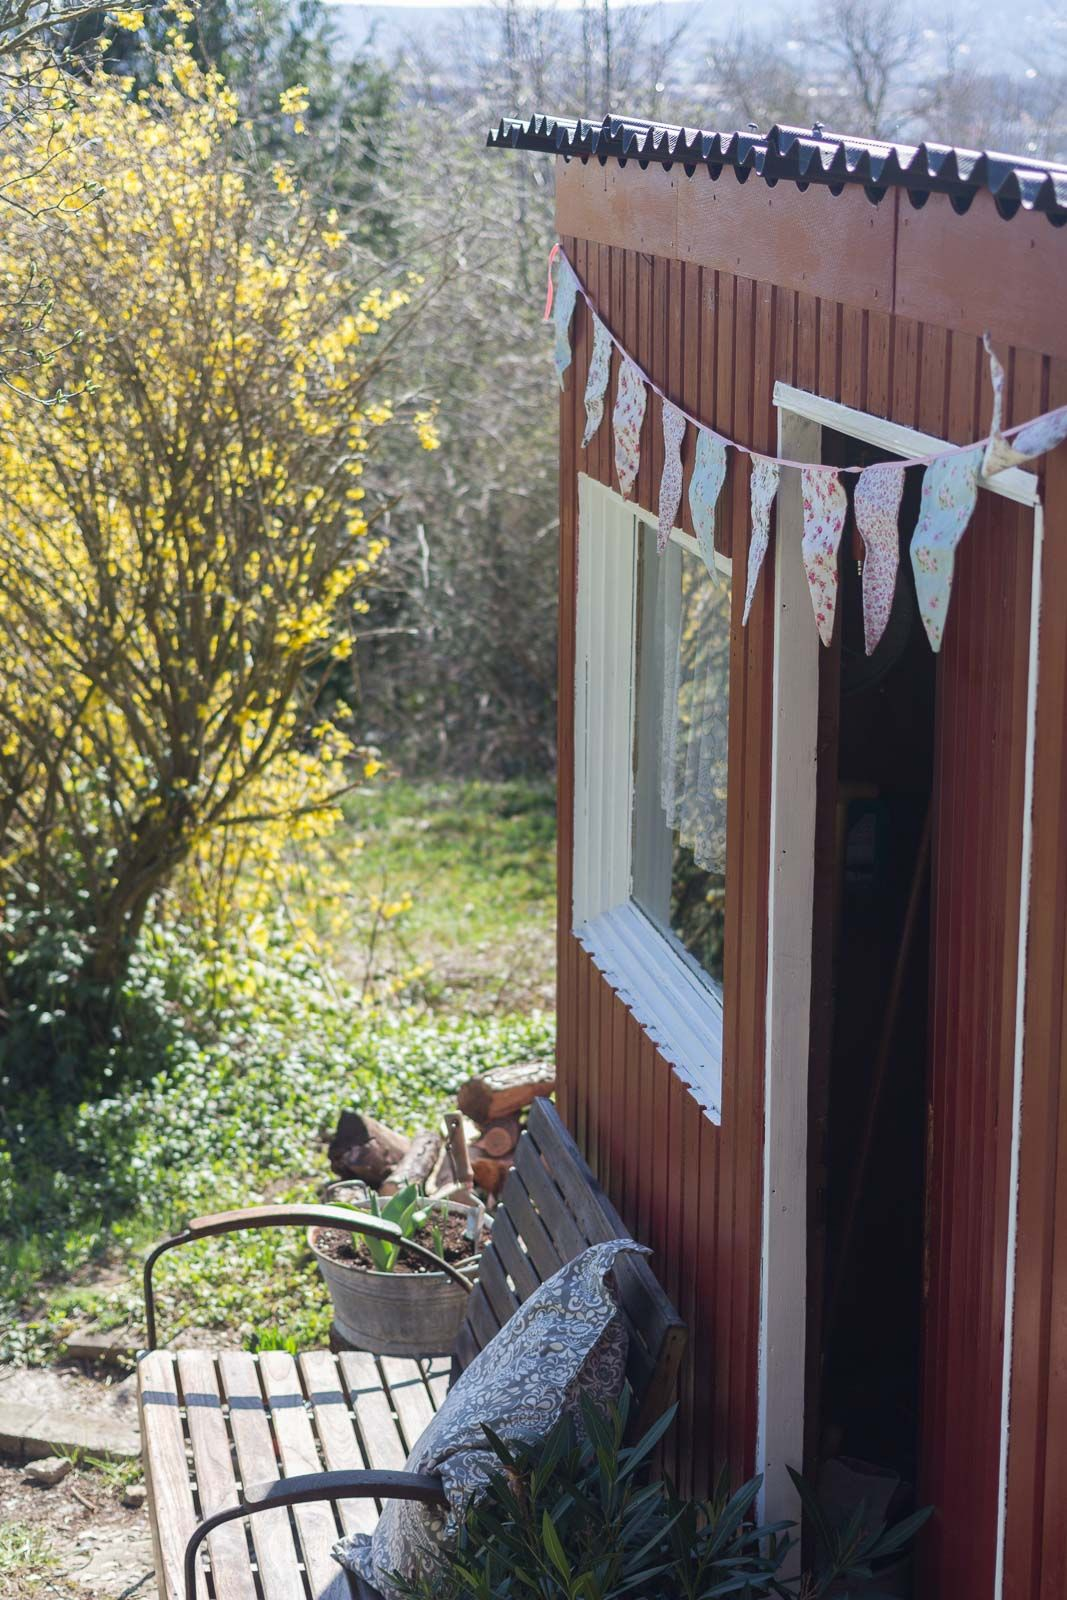 Gartenhauschen Renovieren Mit Dem Garten Fraulein Garten Gartenhaus Gartengestaltung